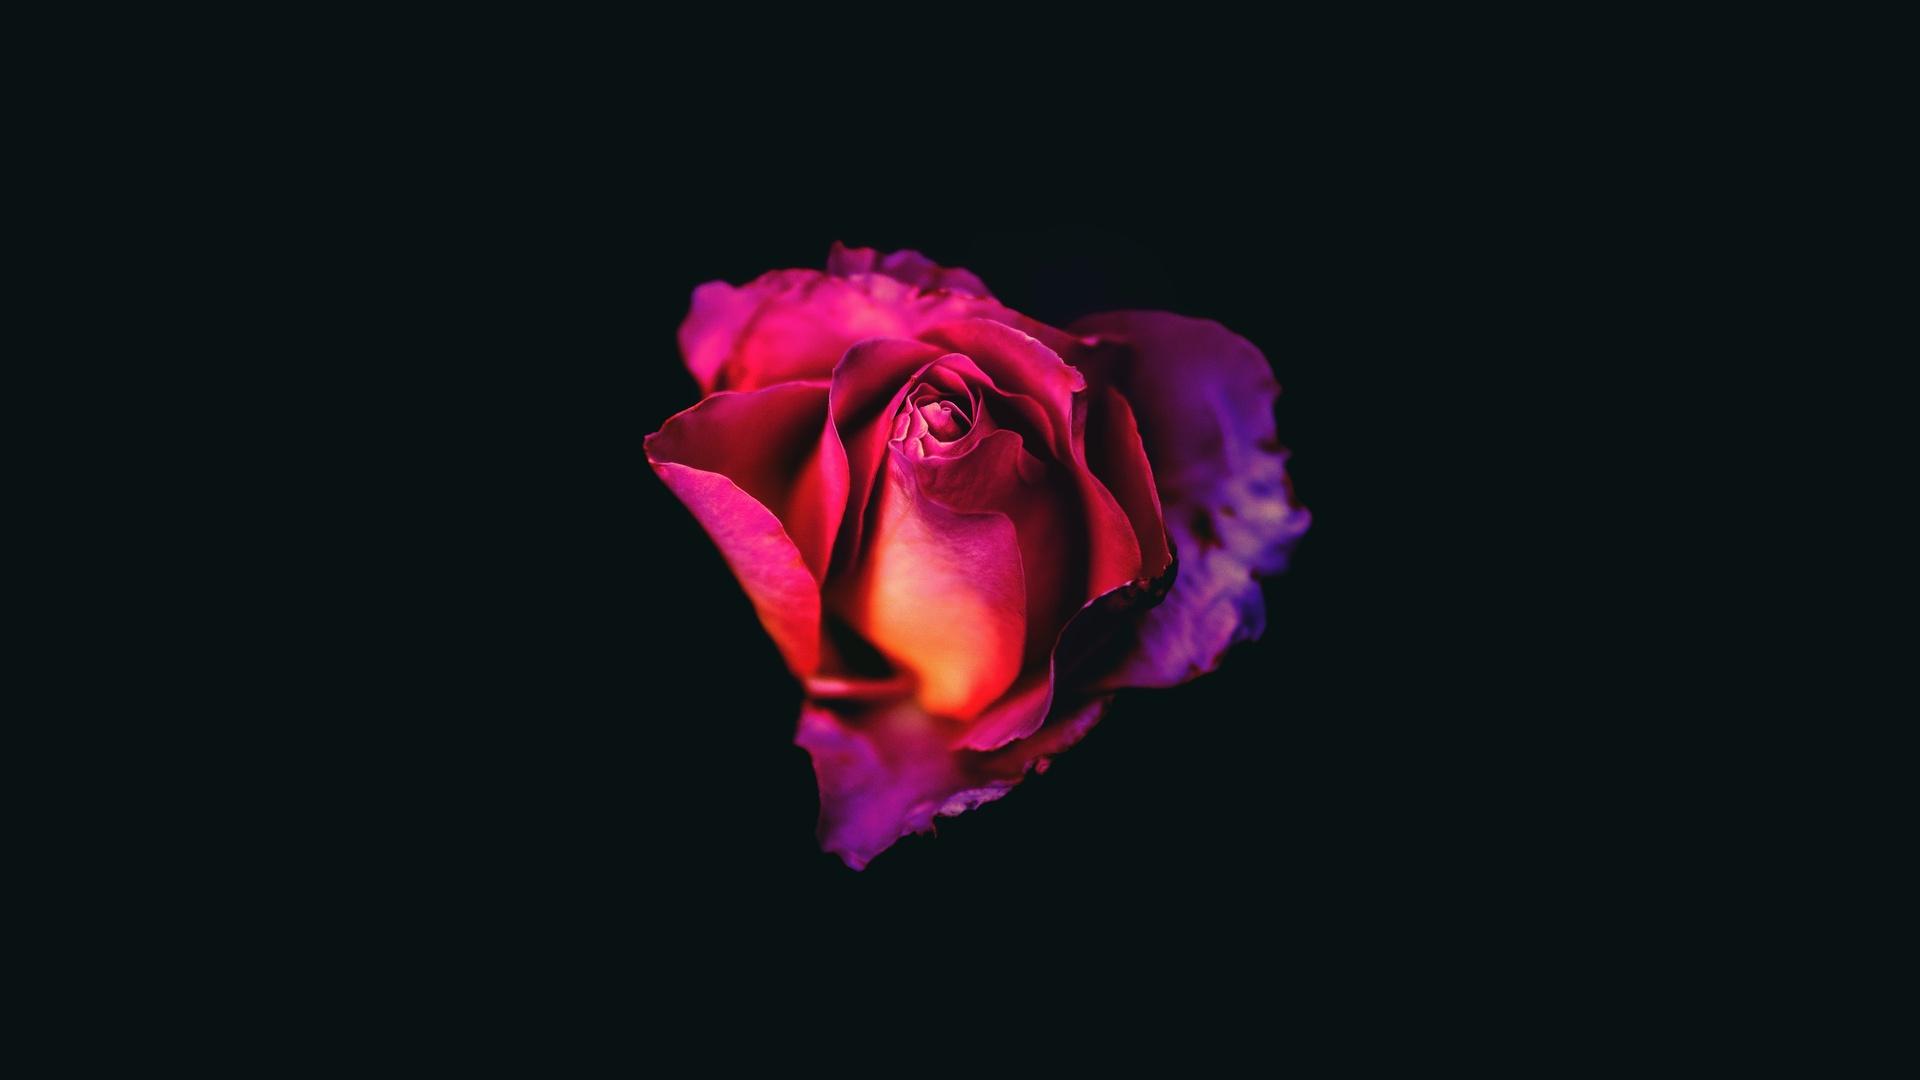 rose-oled-dark-8k-5a.jpg